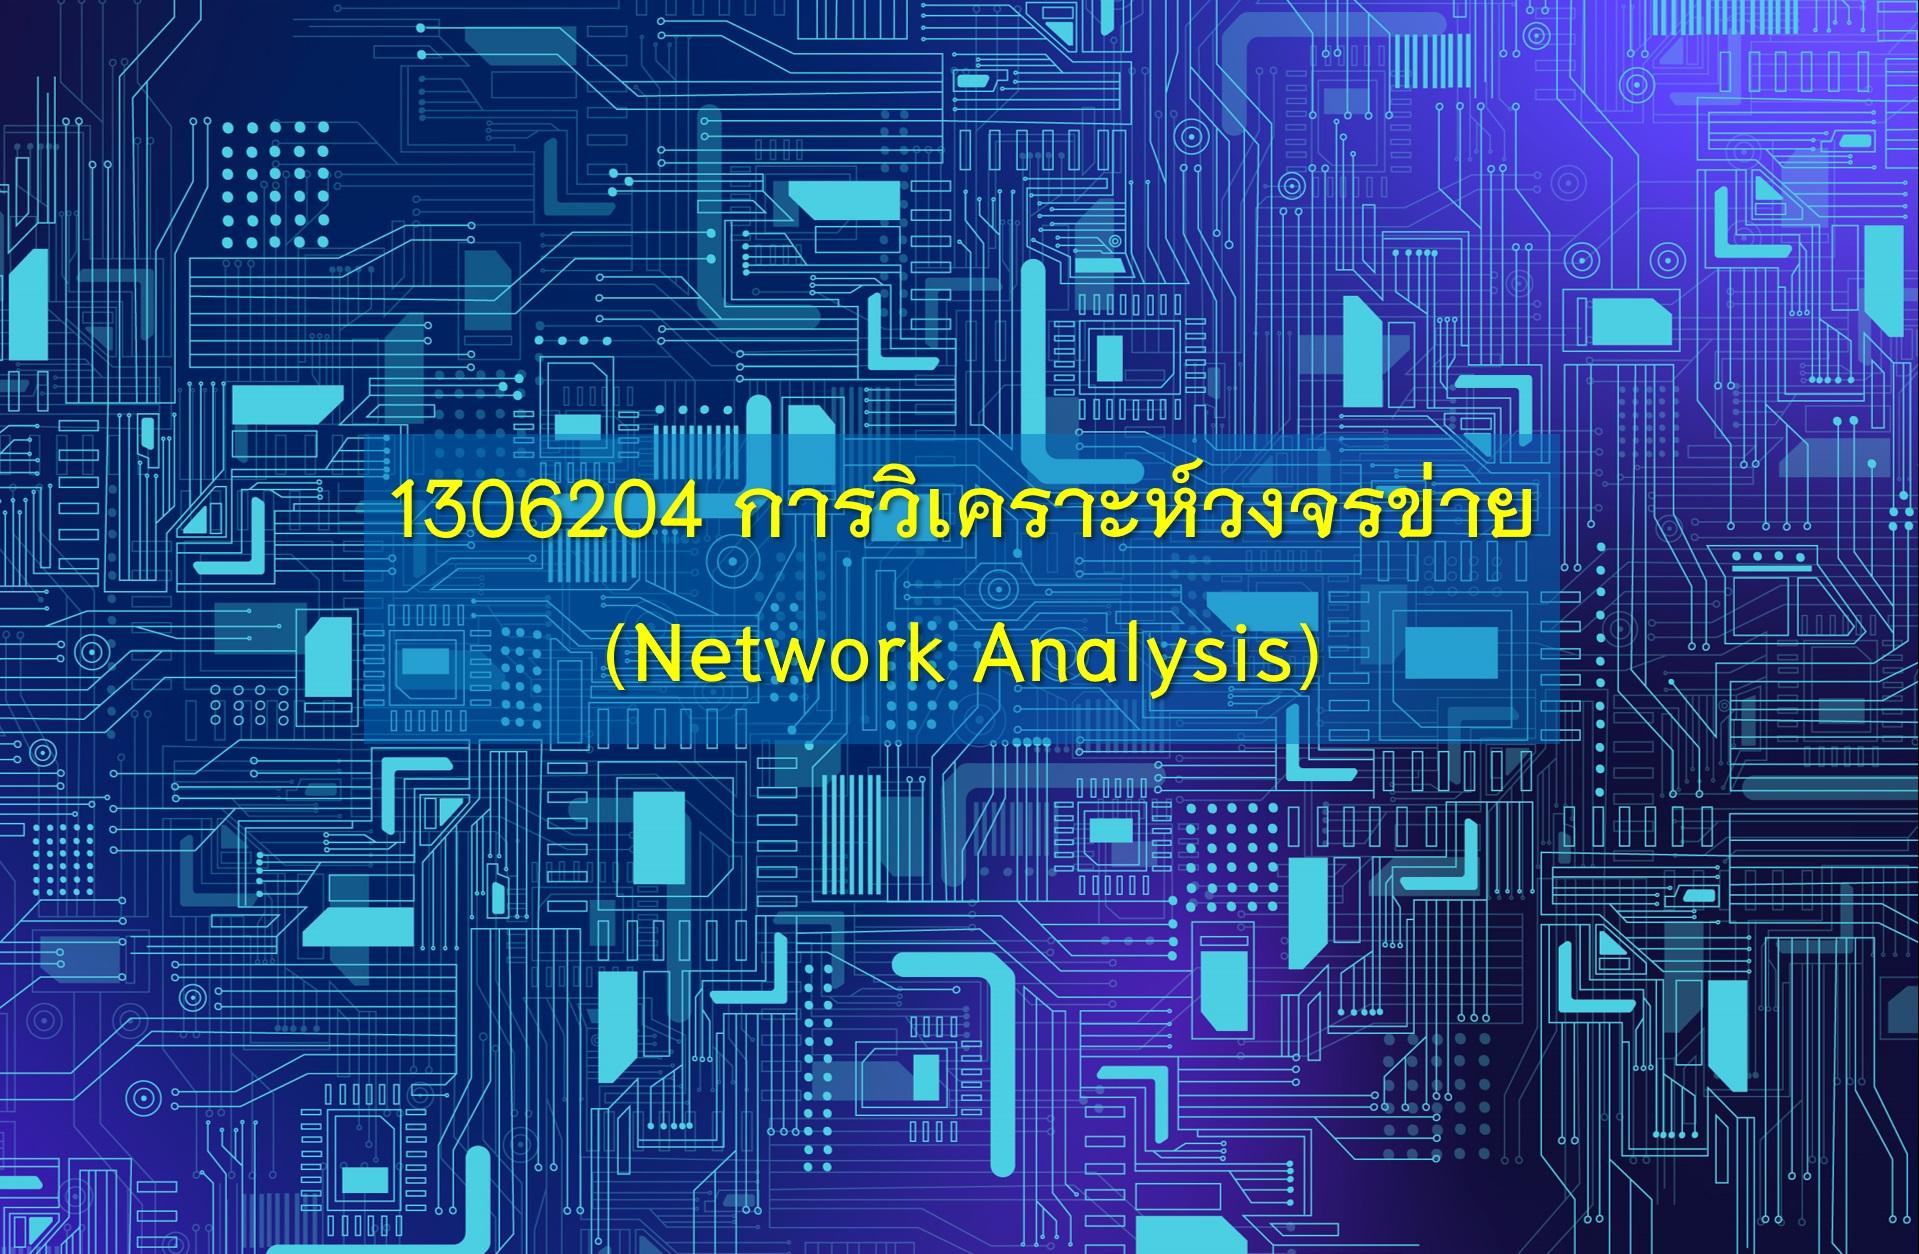 1306204 การวิเคราะห์วงจรข่าย (Network Analysis)